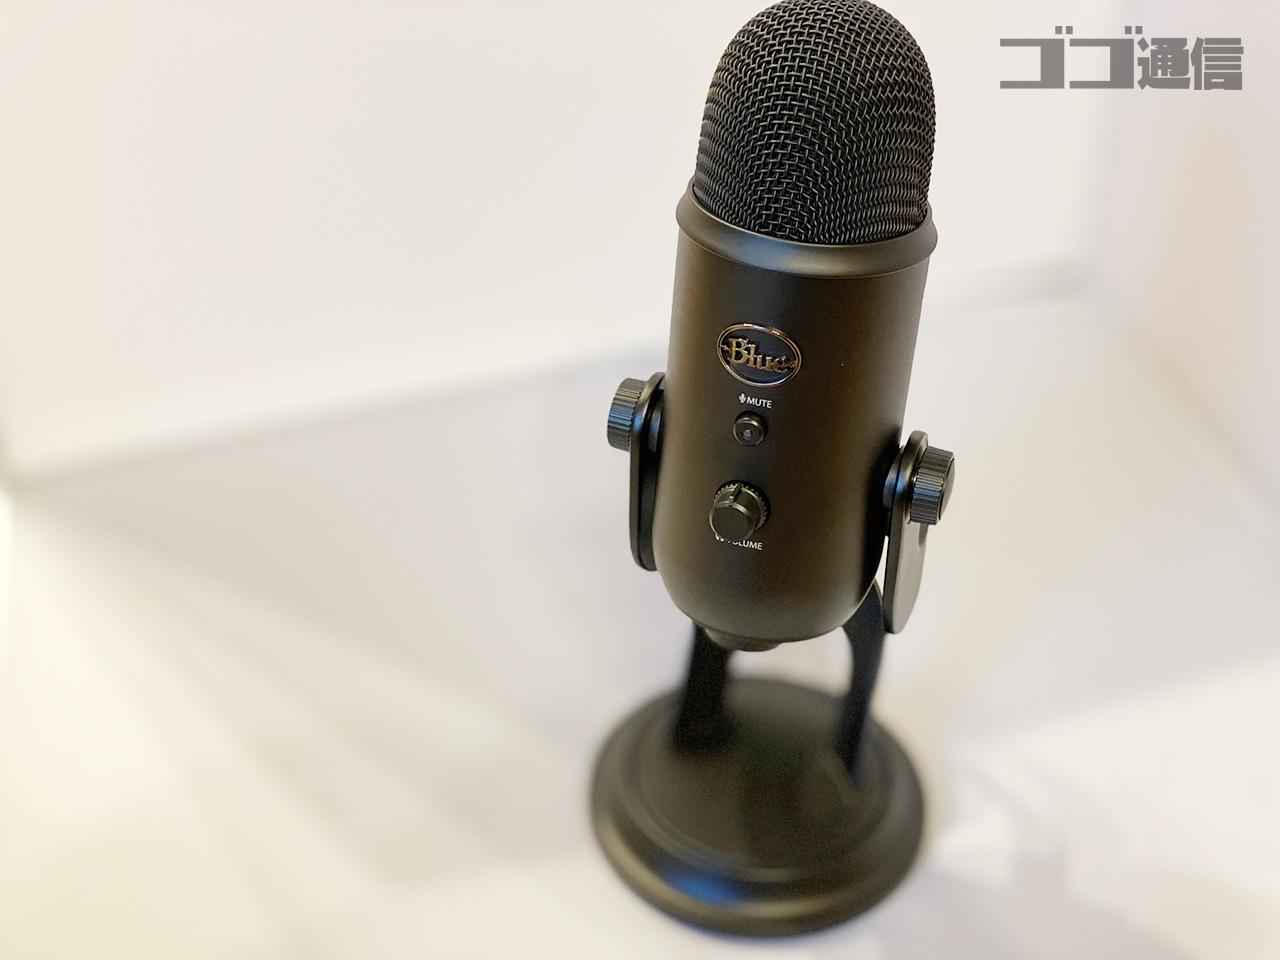 001 5 - ロジクールのUSBコンデンサーマイク『Yeti』が凄い 4つの録音パターンに切り替え可能!